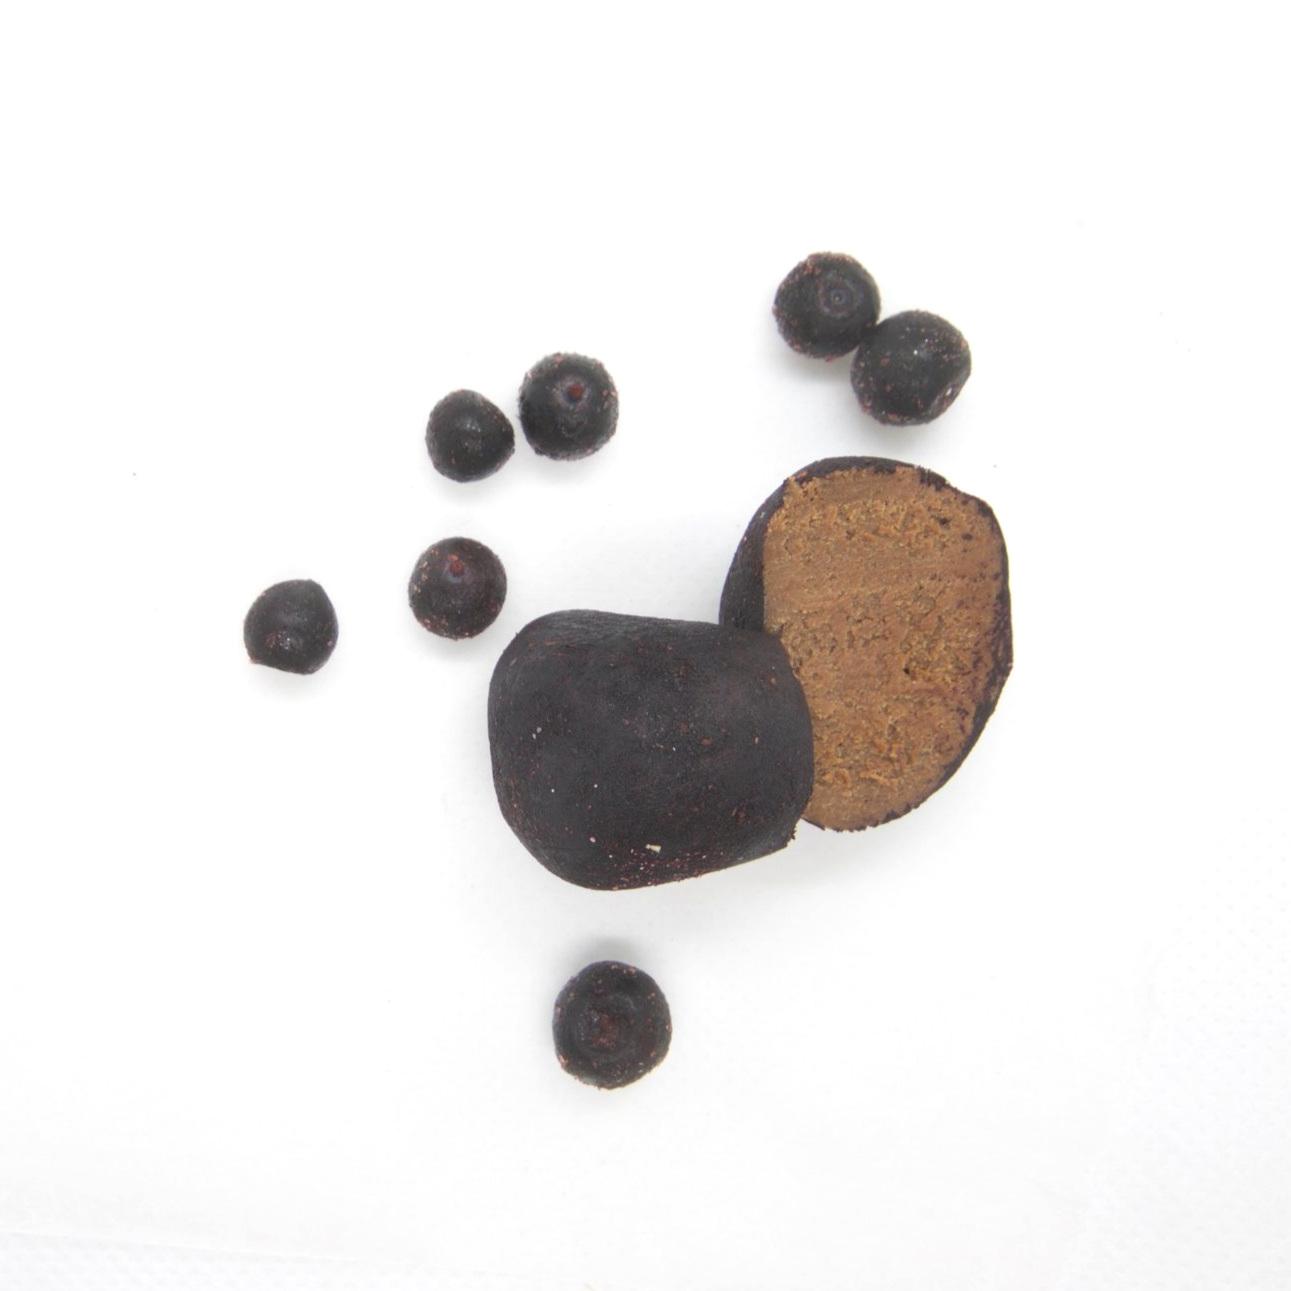 RAW VEGAN TRYFFEL - BLÅBÄR 40X15G Ingredienser:   CASHEWNÖTTER*, agave sirap*, kakaosmör*, kakaopulver*, torkad blåbär*, Bourbon vanilj*, pink Himalaya salt *= ekologisk produkt  (kan innehålla spår av mandel & hasselnötter)   Näringsvärde (100g):   Energi (kj/kcal) 1961/468 Fett 30,5g varav mättad 10,17g Kolhydrater 48,8g varav sockerarter 32,5g Fibrer 4,49g Protein 7g Salt 0,14g